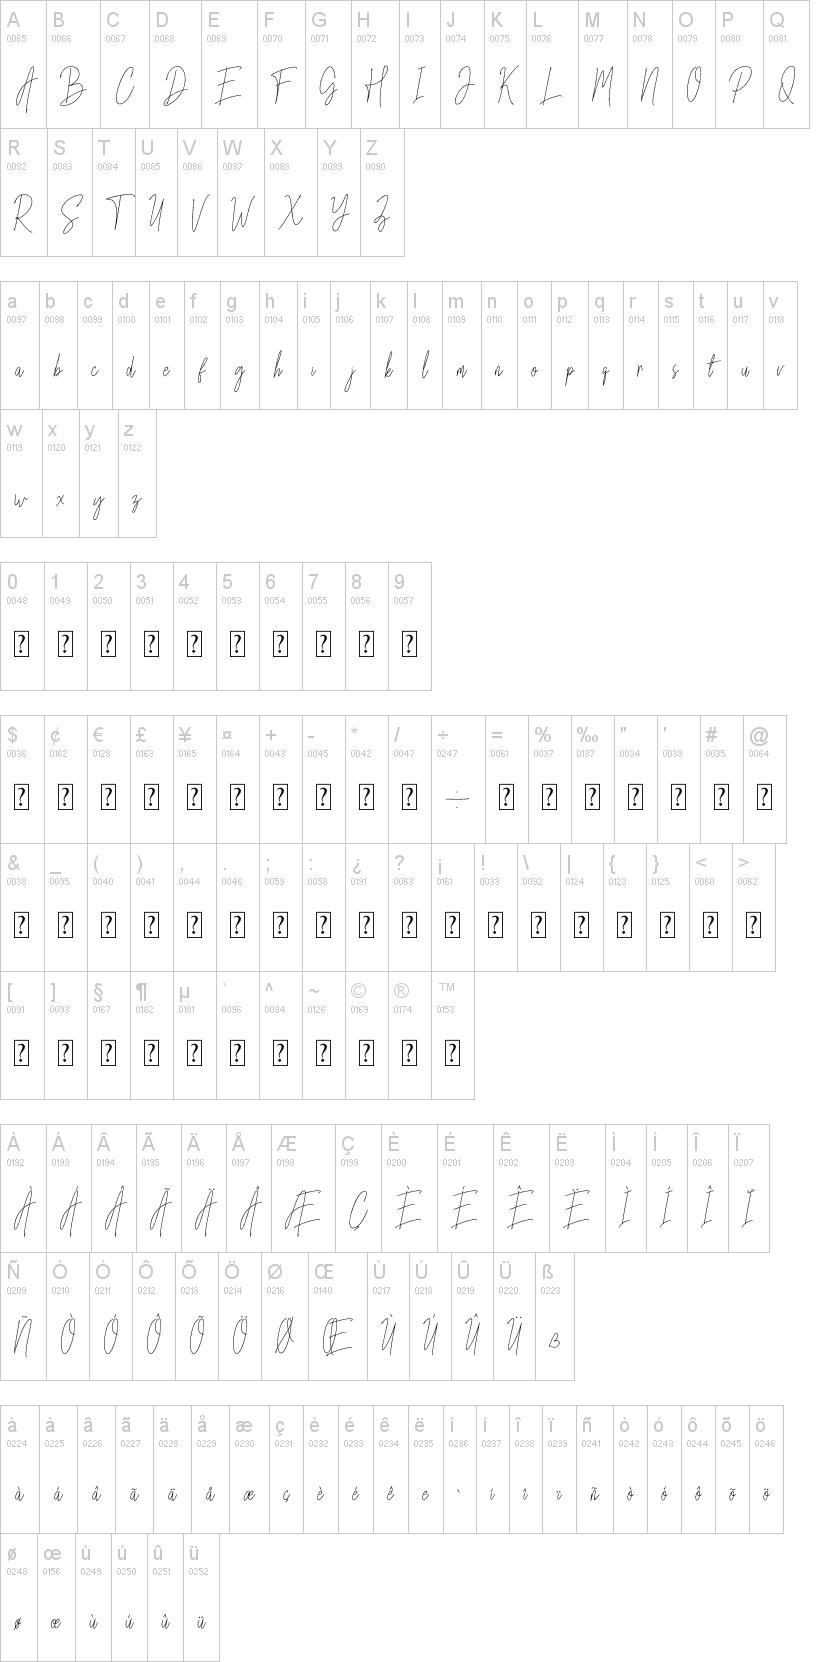 Mettallion Signature Font